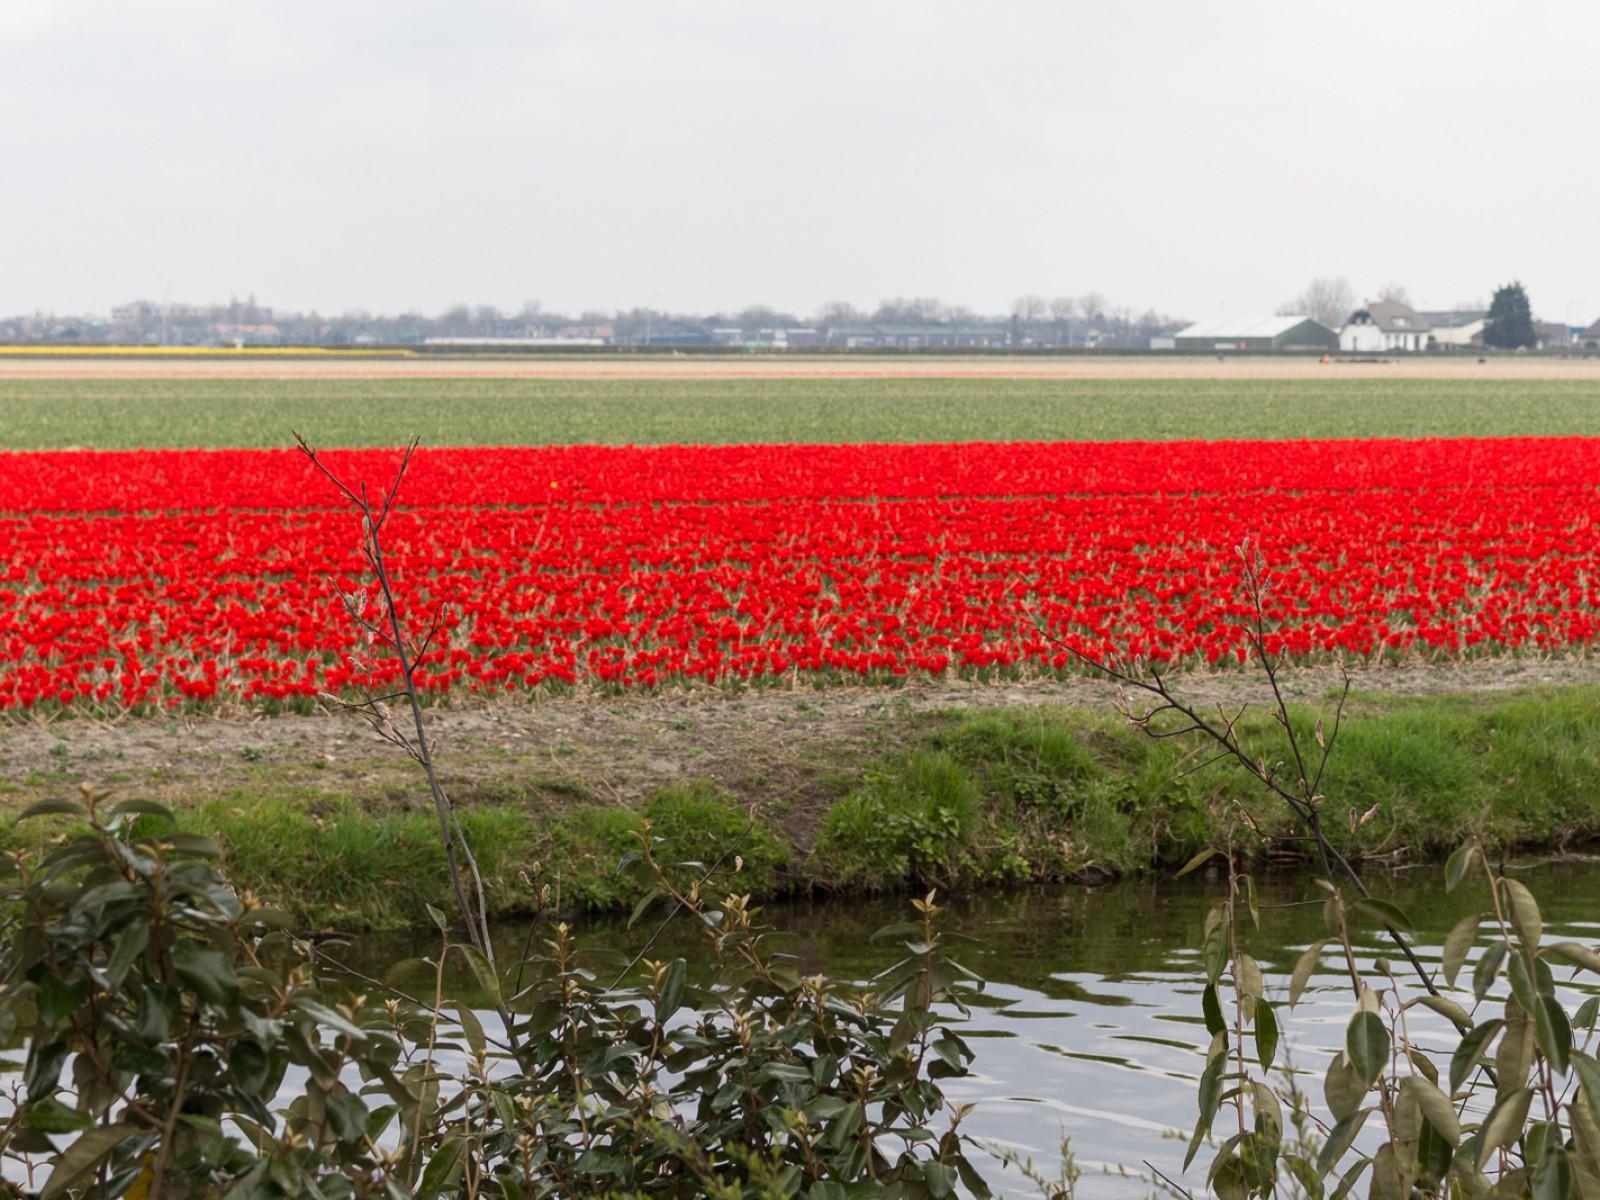 niederlande_noordwijk_keukenhof_reiseblog-2796